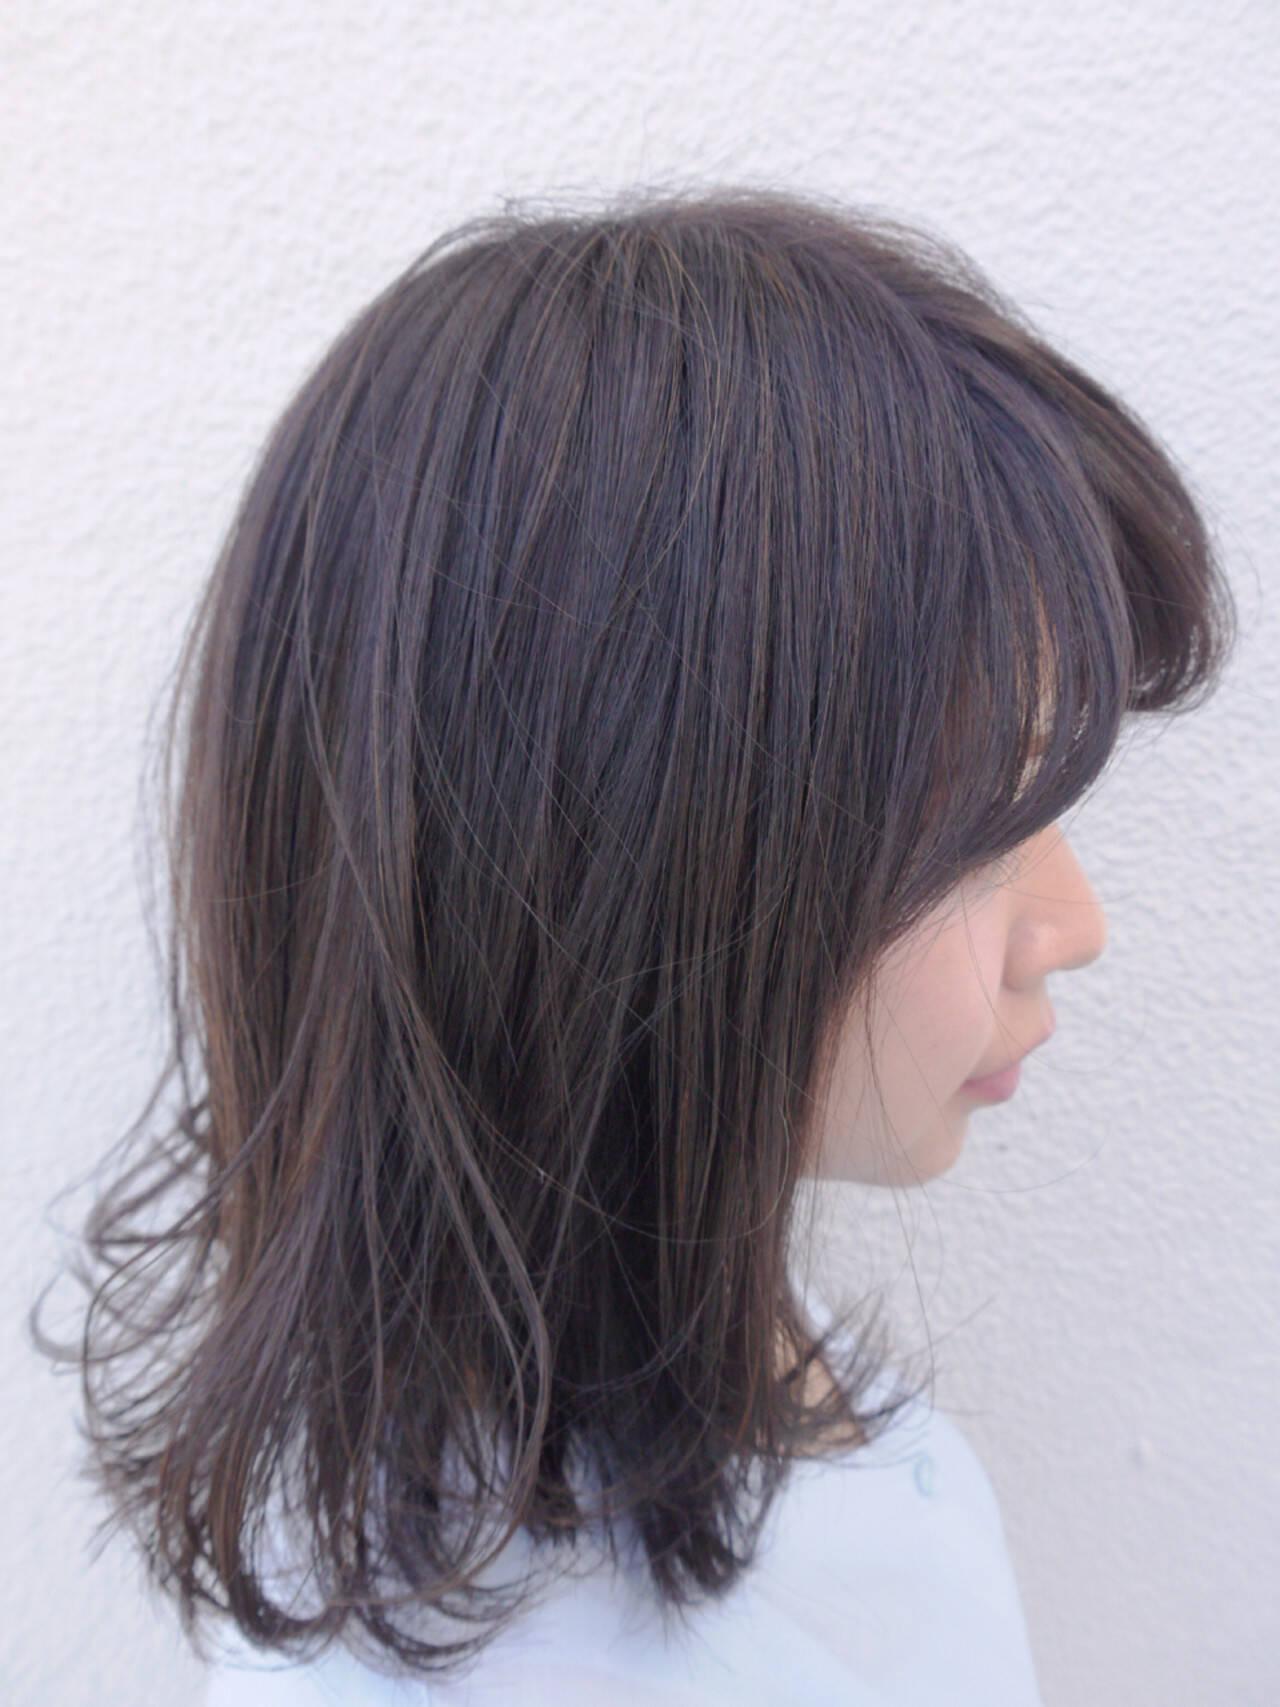 ミディアム ラベンダーアッシュ 秋 透明感ヘアスタイルや髪型の写真・画像